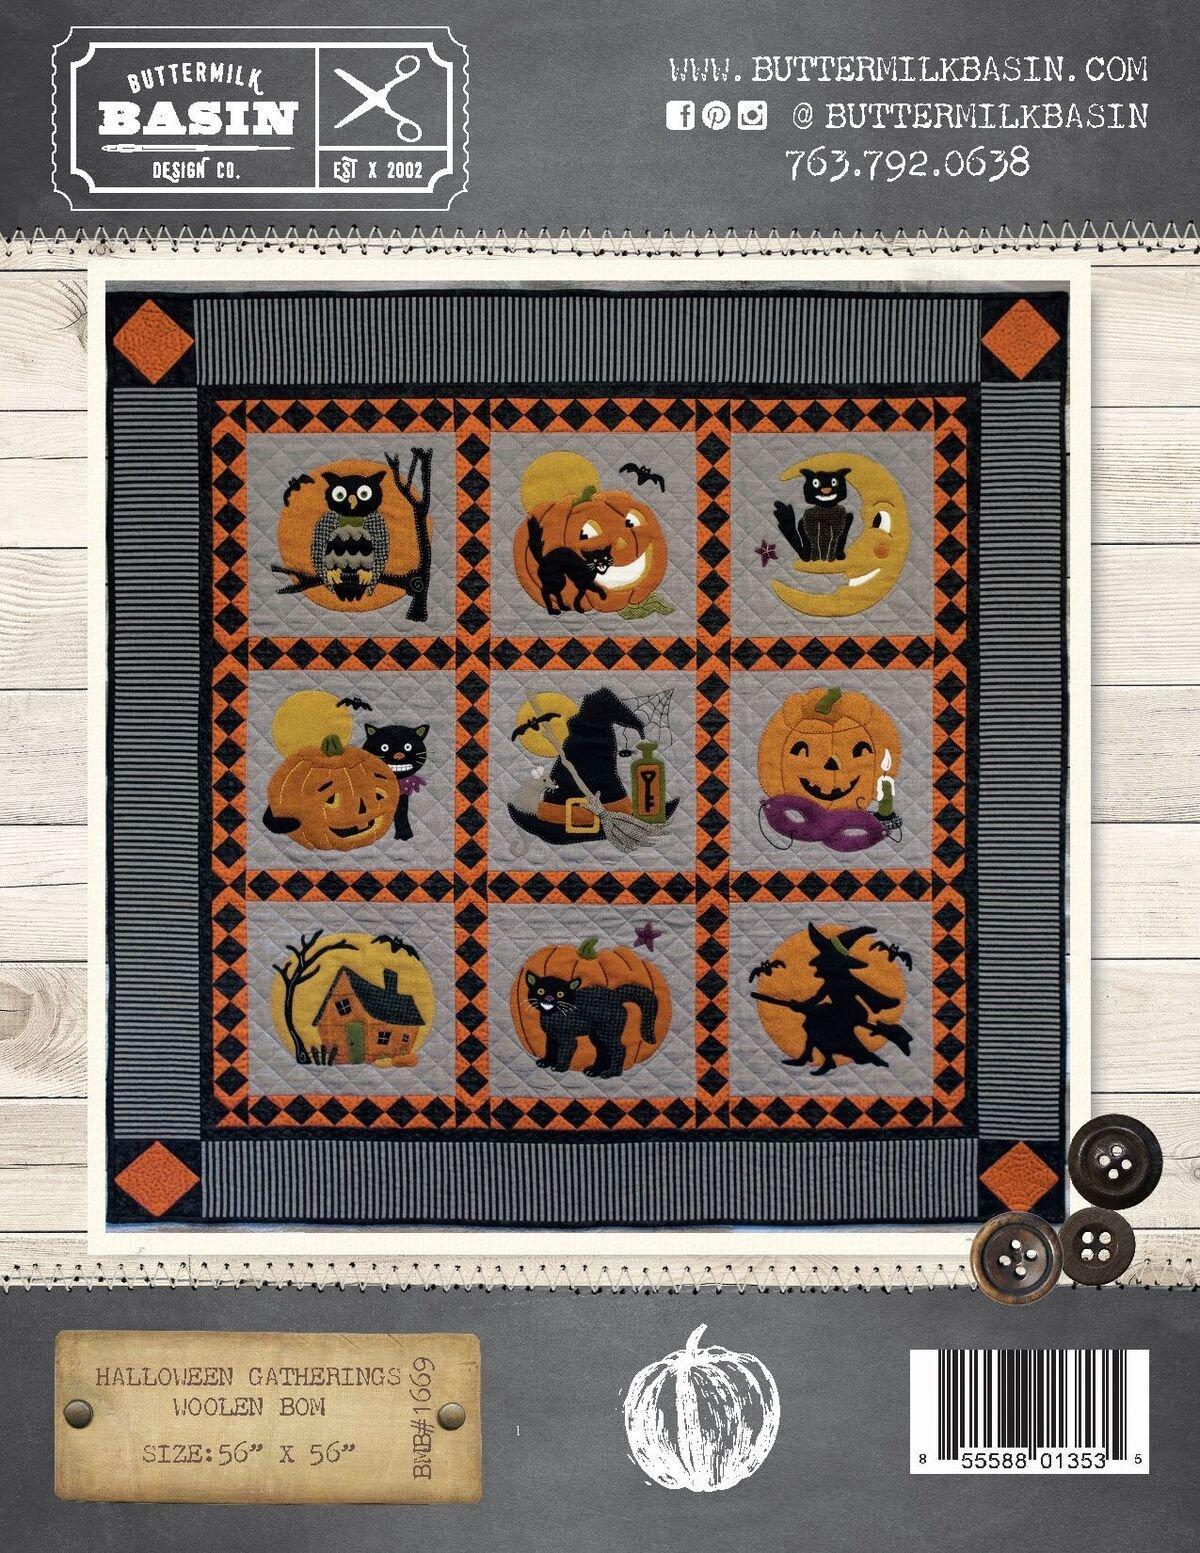 Halloween Gatherings Woolen * Pattern